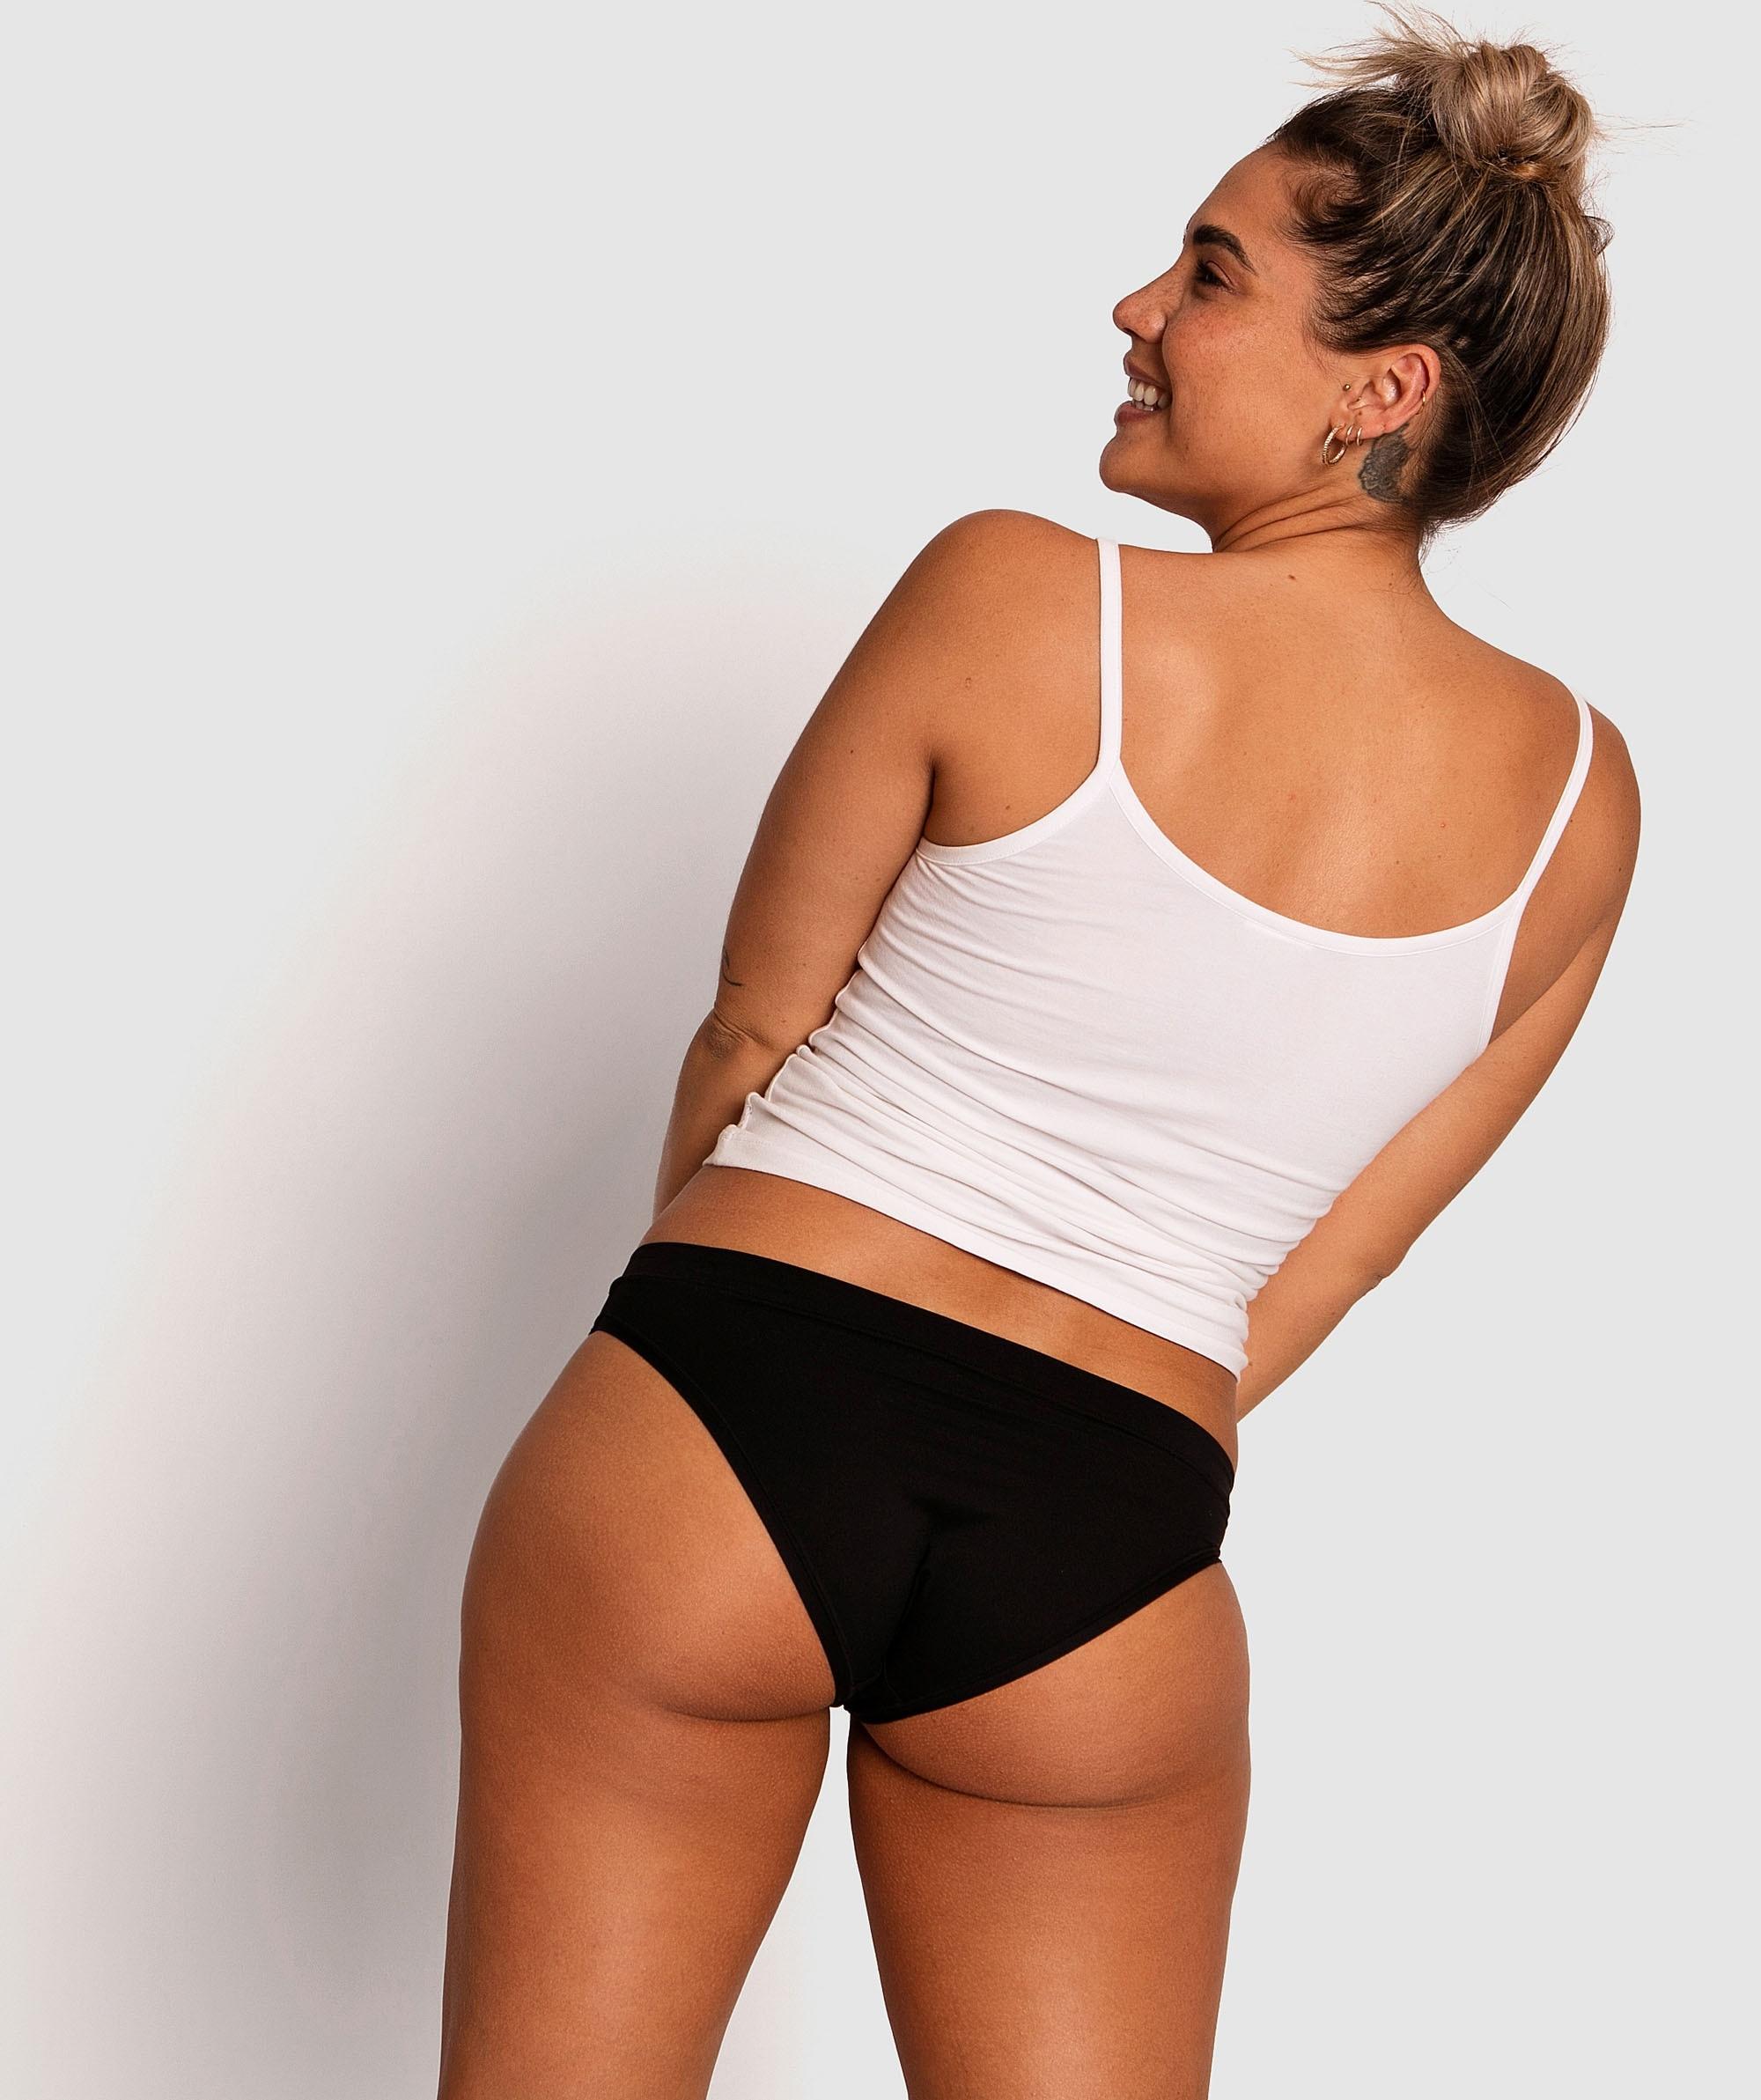 Body Bliss 2nd Gen Bikini Cut Knicker - Black